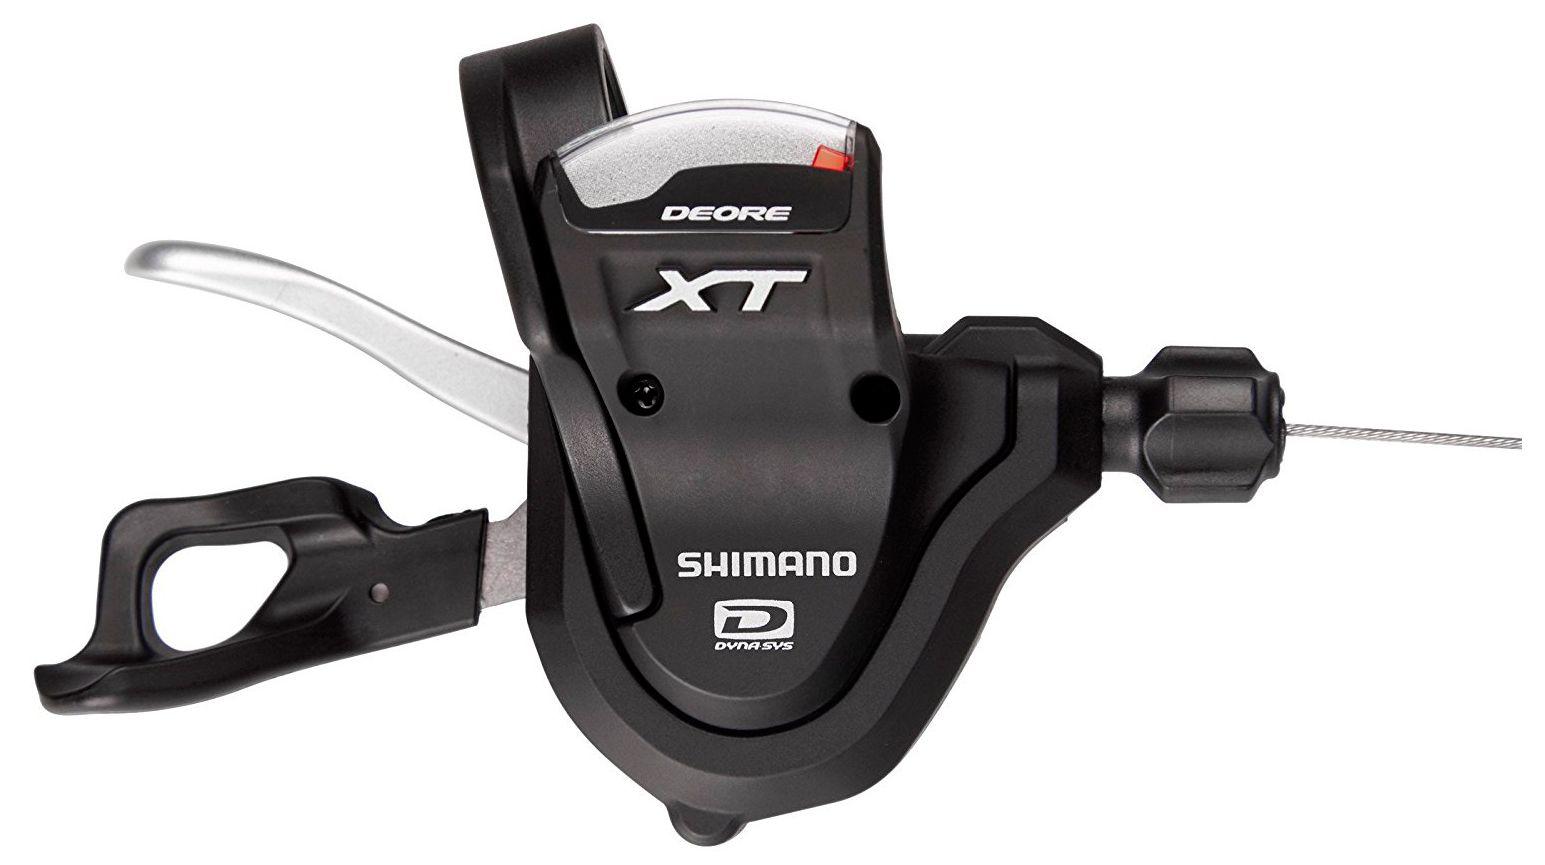 Запчасть Shimano XT M780, прав, 10 ск. шифтер shimano xt m780 левый 3скорости трос оплетка islm780lbp